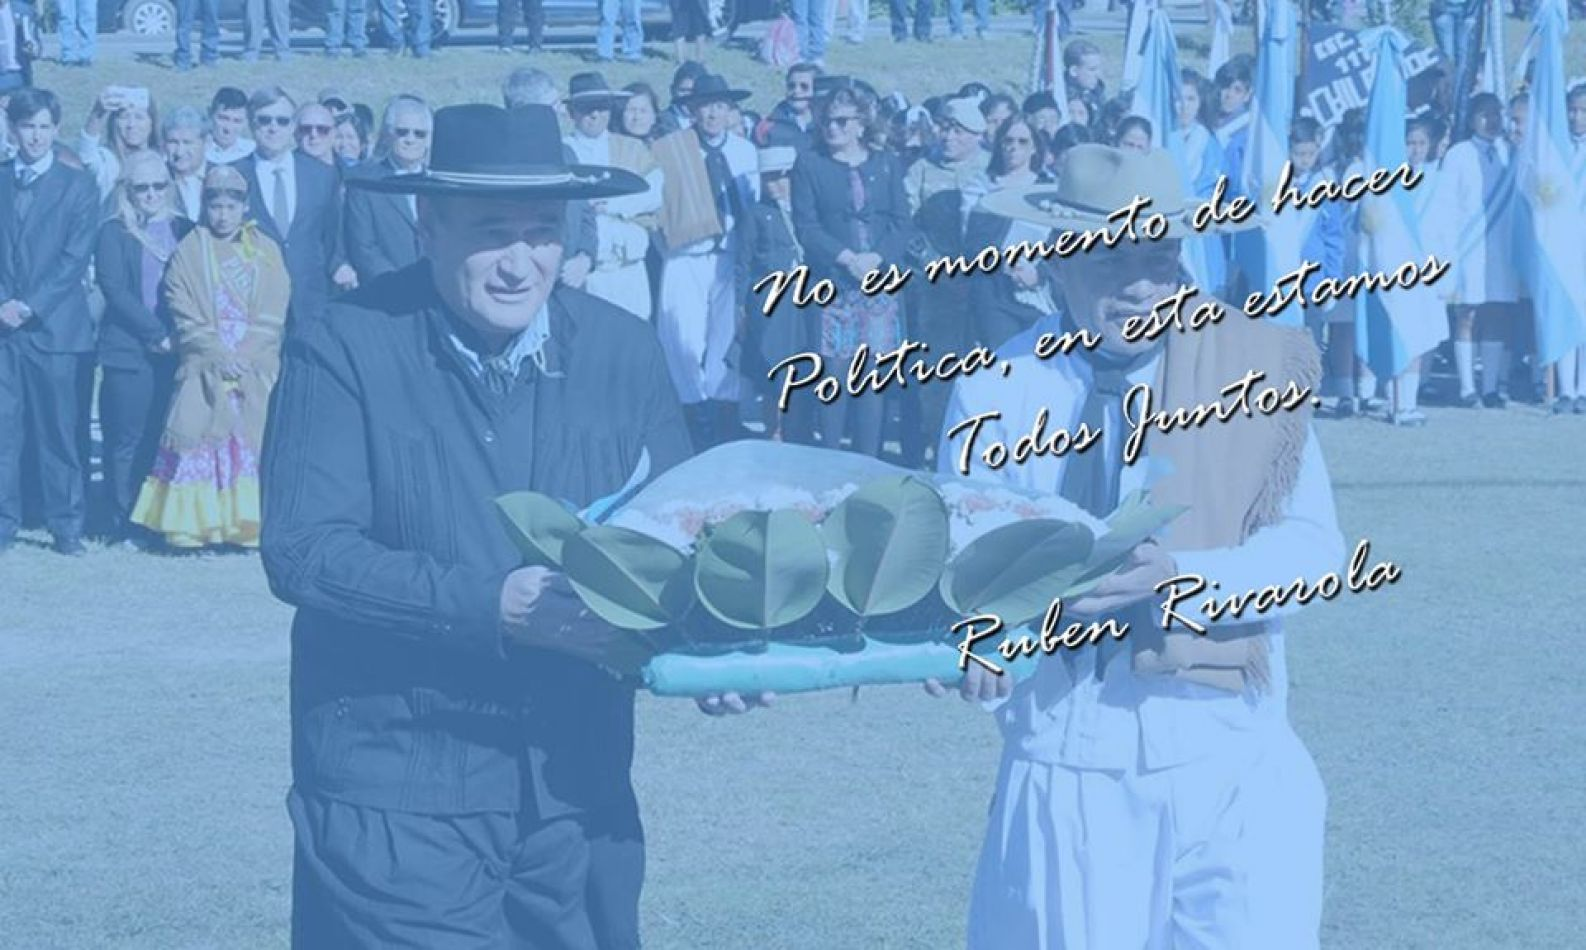 Foto: Facebook Rubén Rivarola Prensa